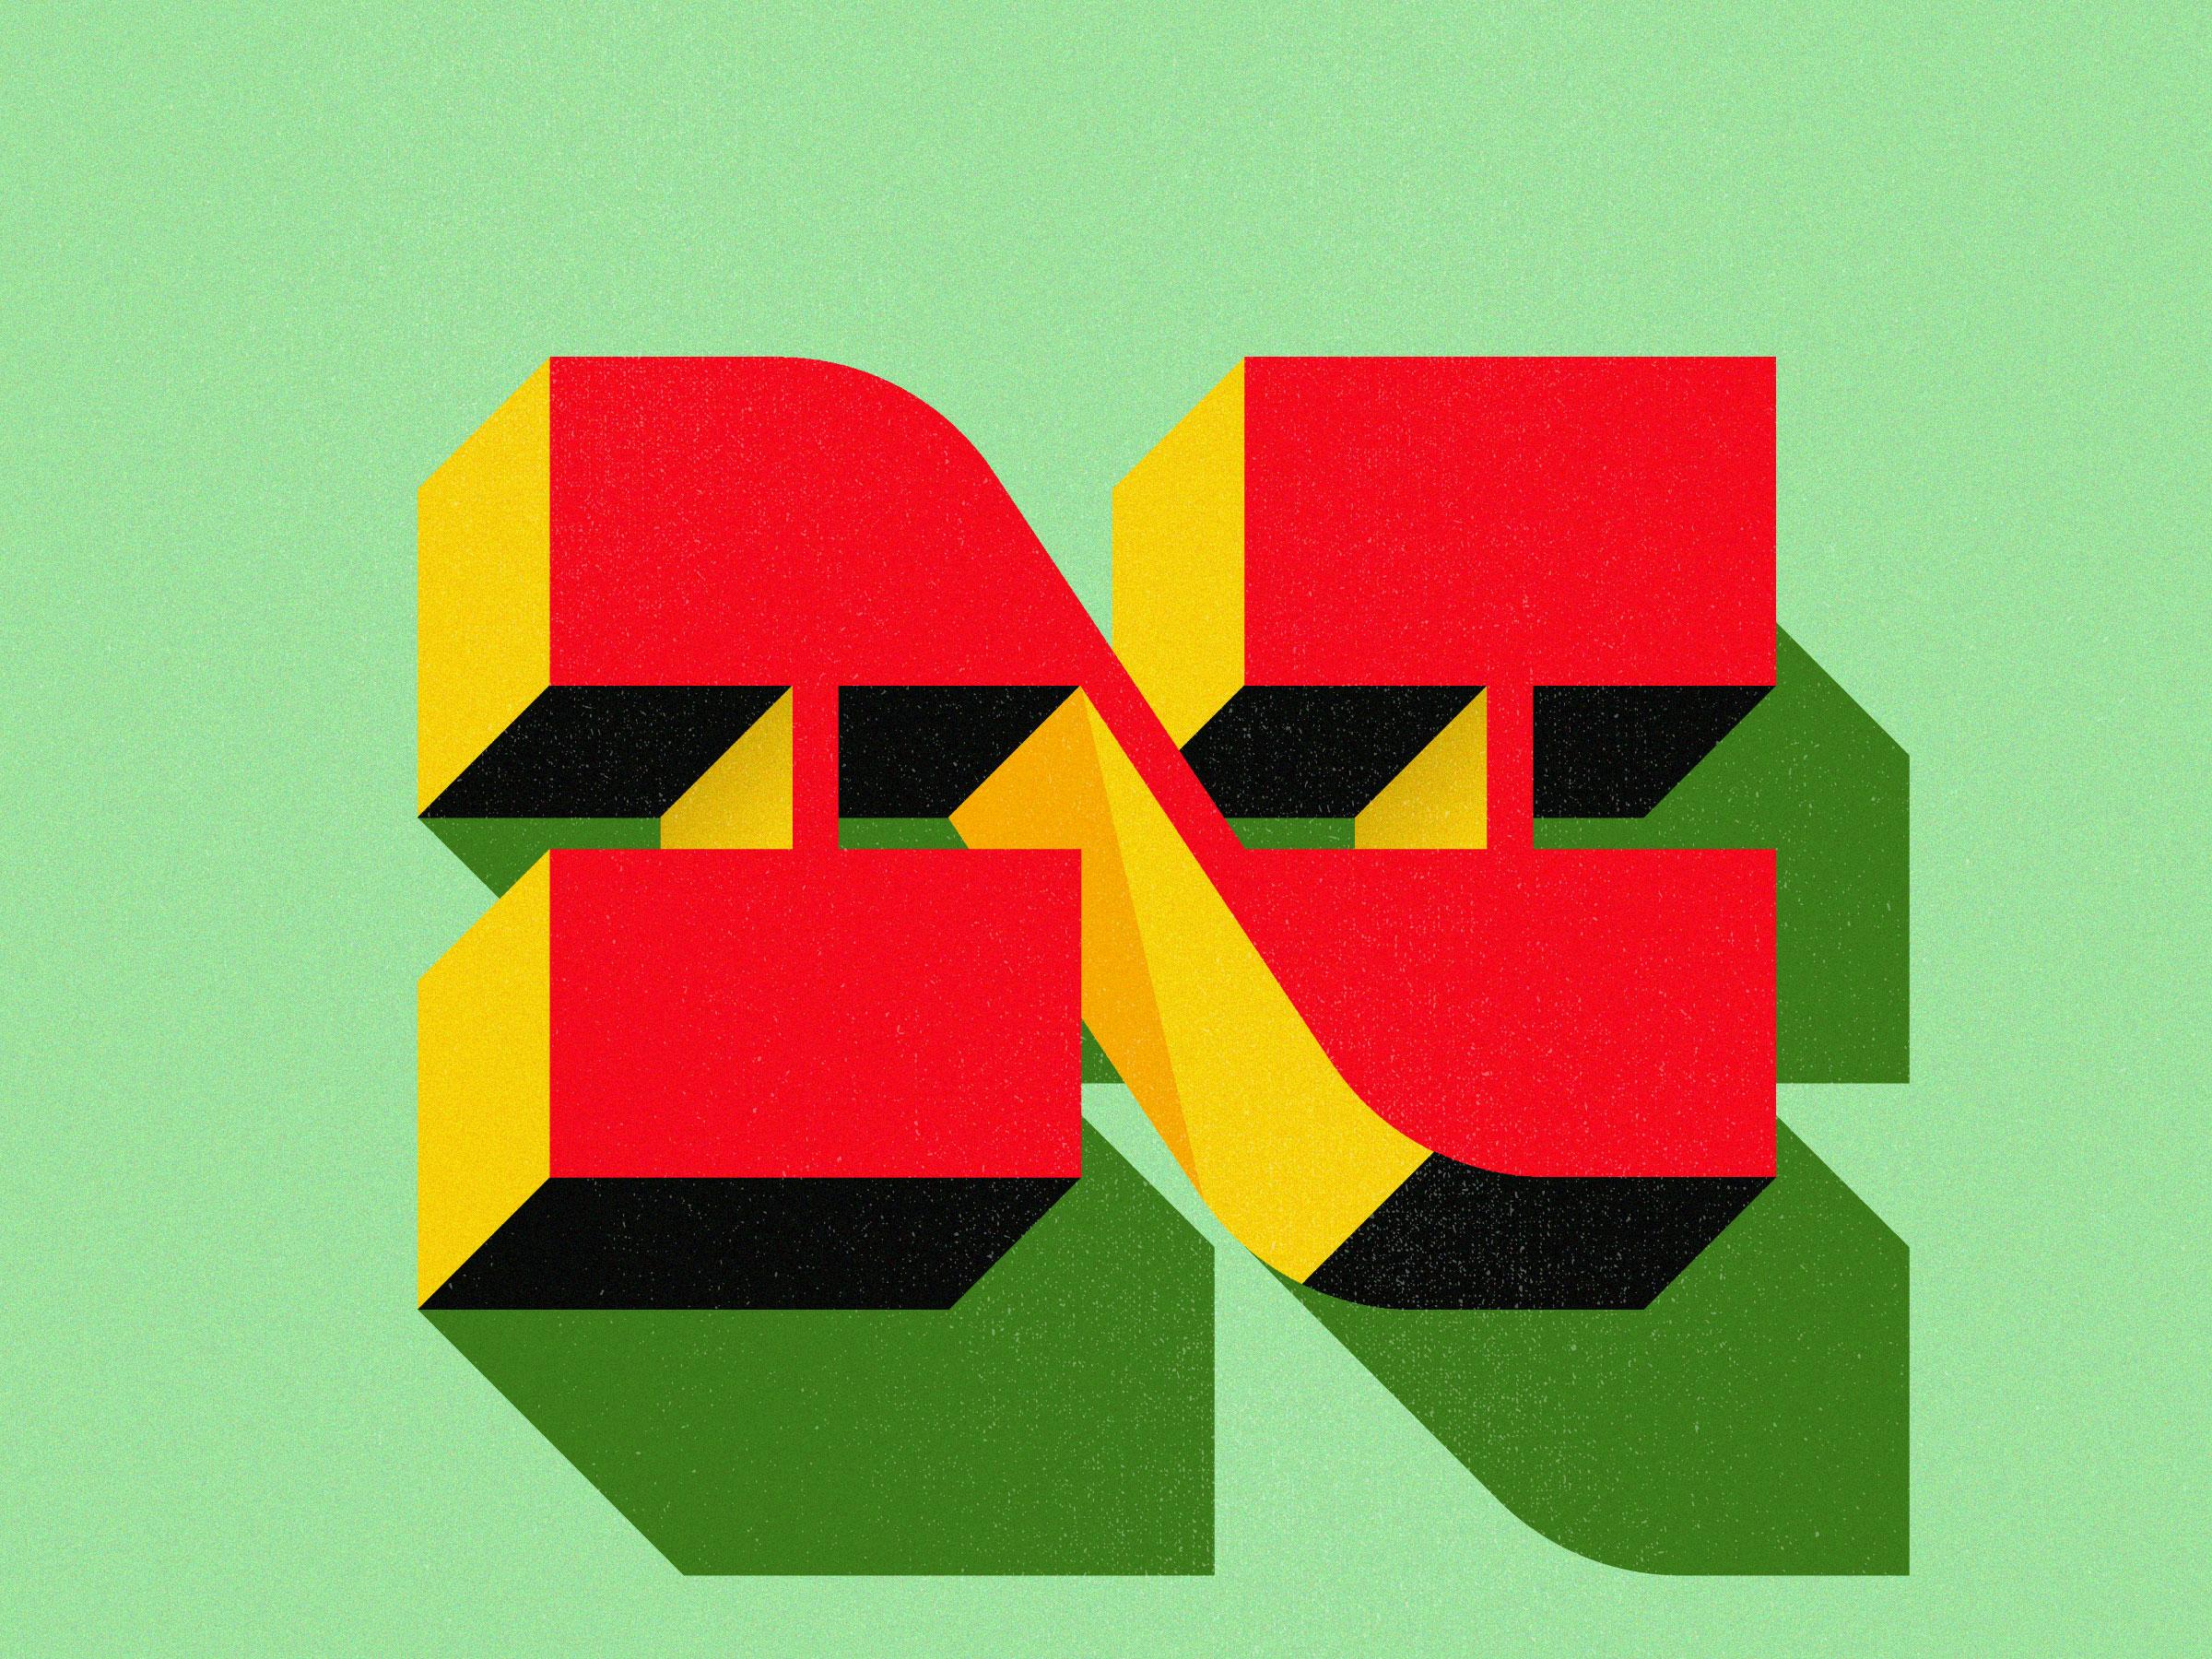 N letter 2